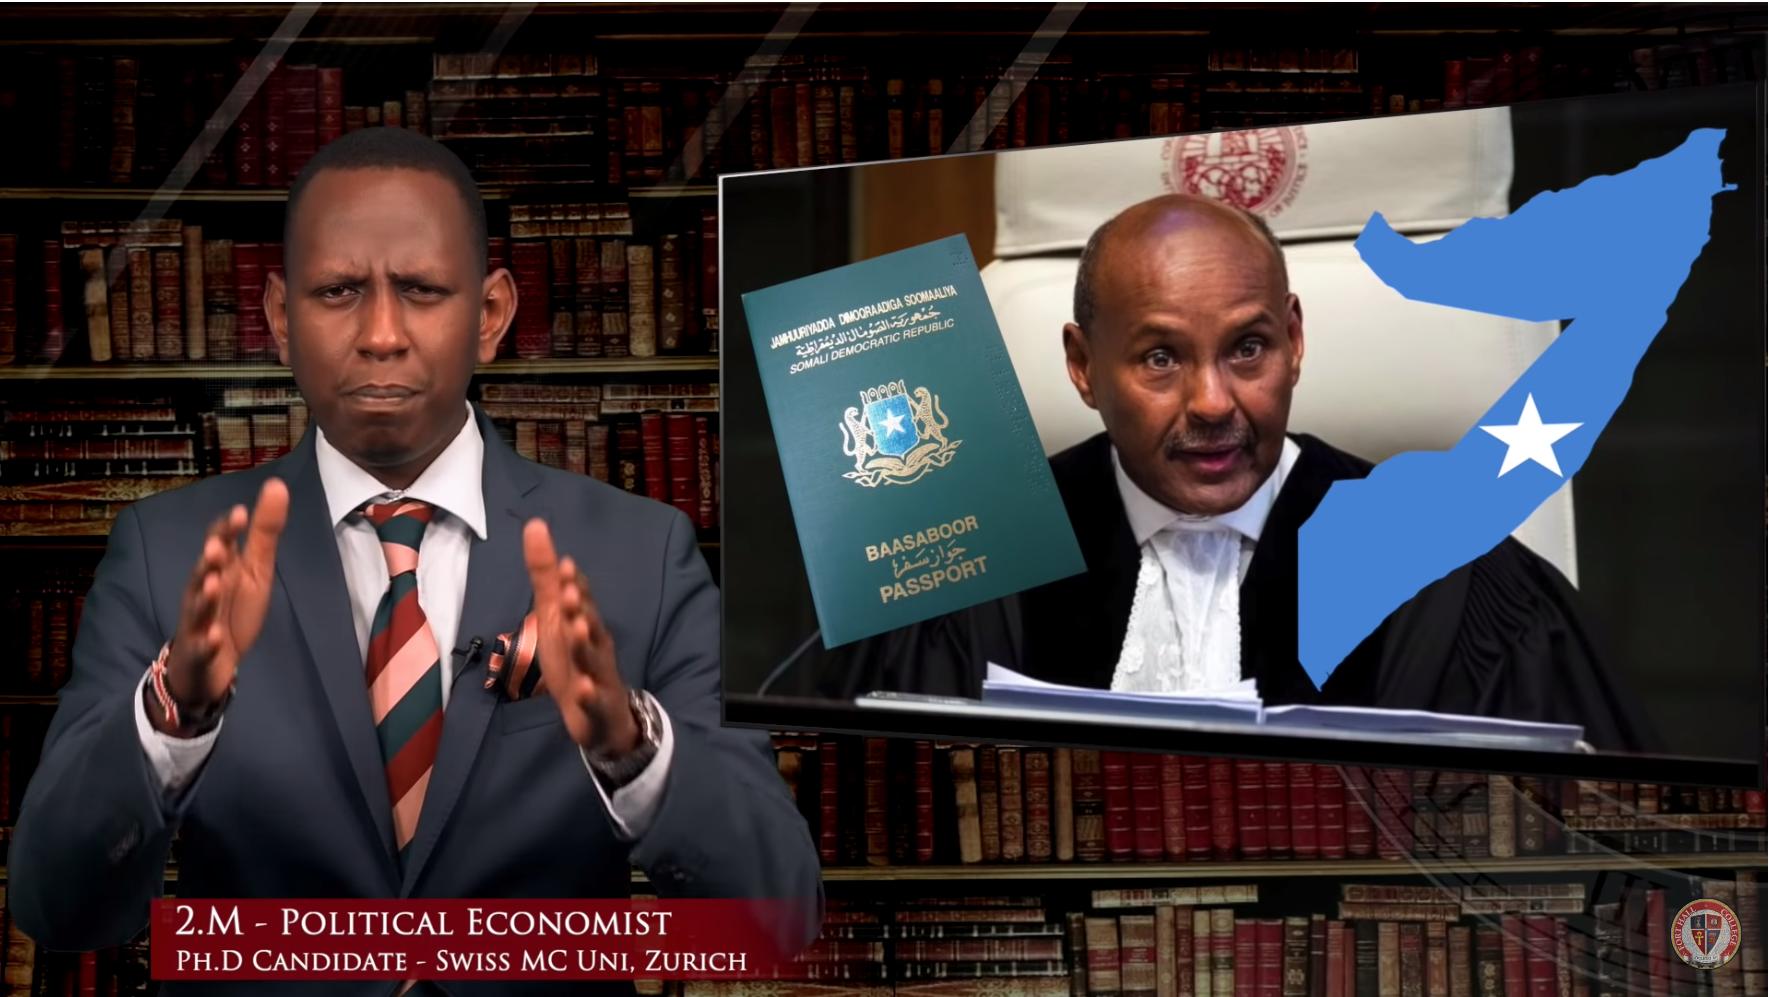 [Daawo] Warbaahinta iyo Lawyerada Kenya oo shaaciyay ineysan aqbali doonin xukunka Maxkamadda ICJ ee dacwadda badda Somalia iyagoo ku baaqay in Islii laga qaxiyo Somalida